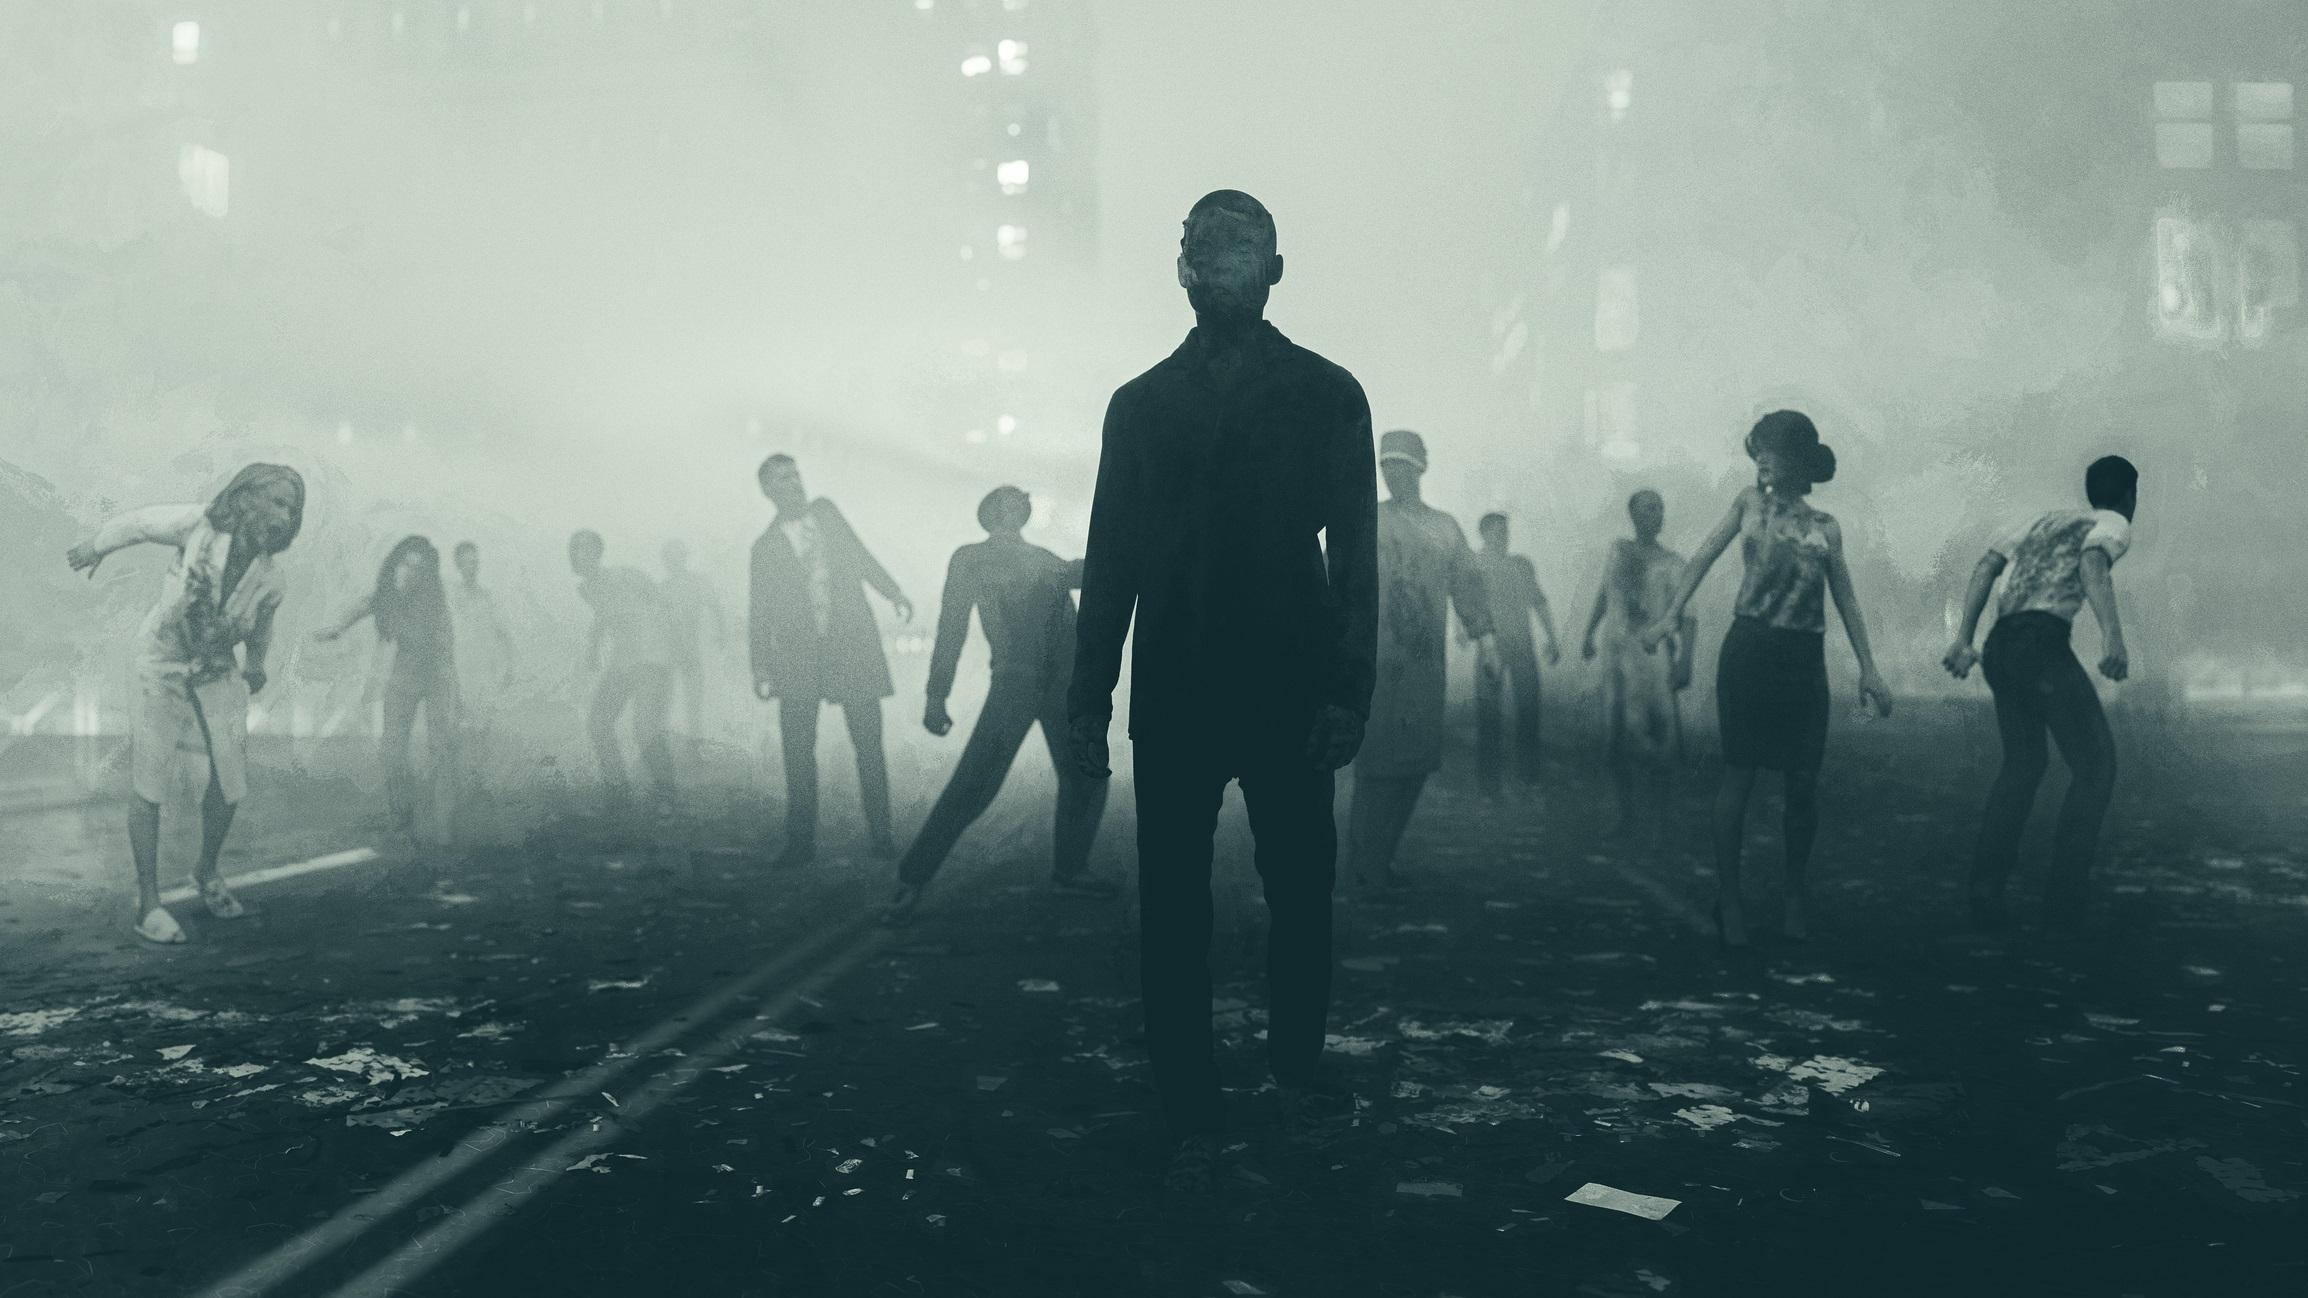 Spotlight on Safety: Don't Be a Zombie